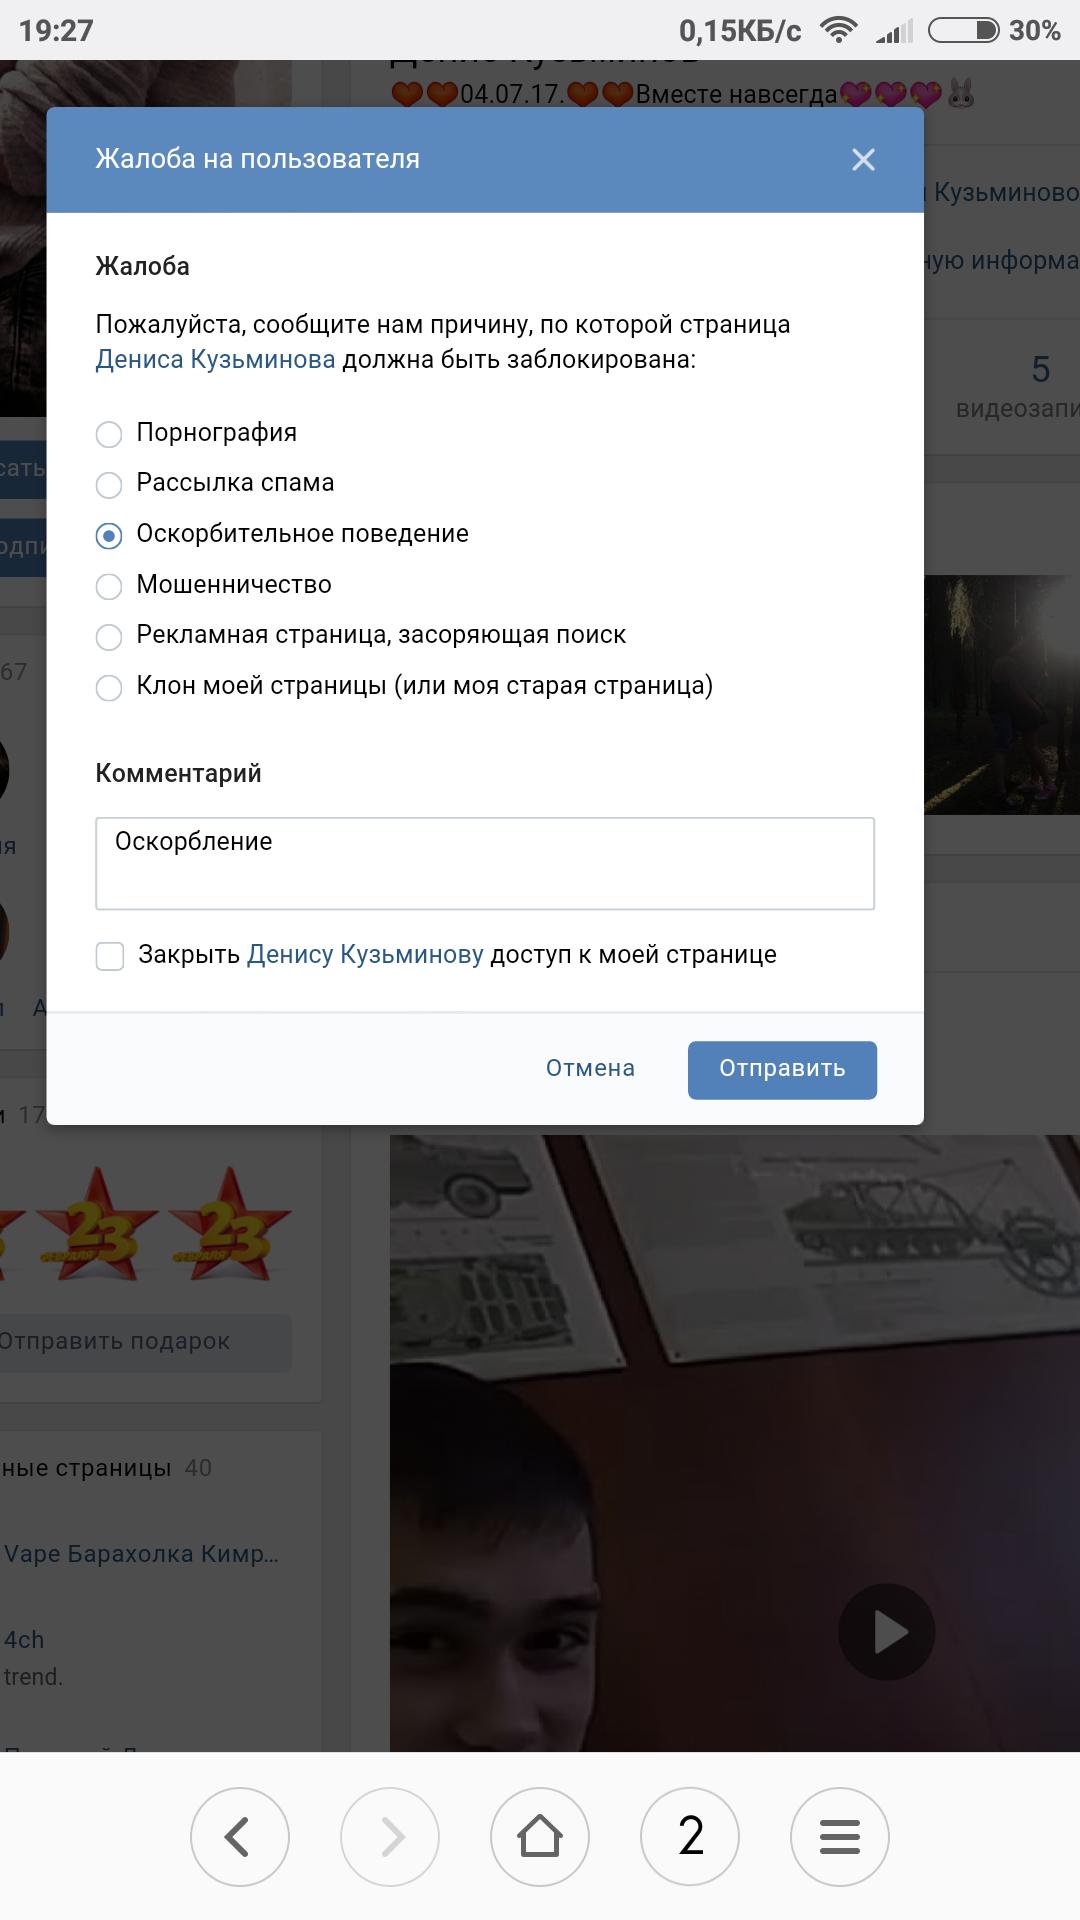 Как посмотреть отправленные подарки ВКонтакте? 13